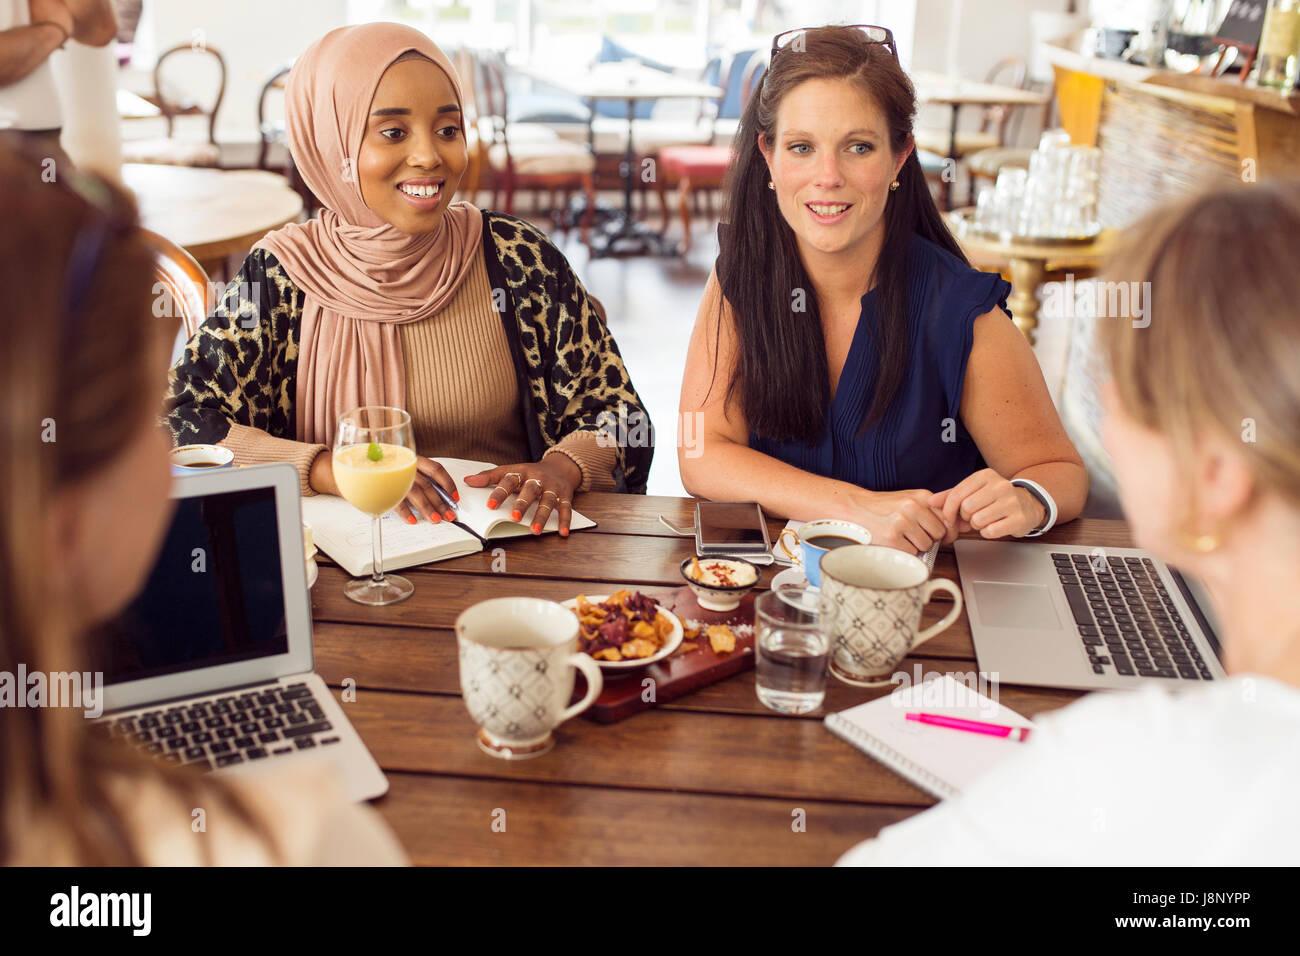 Businesswomen working during lunch in restaurant Stock Photo